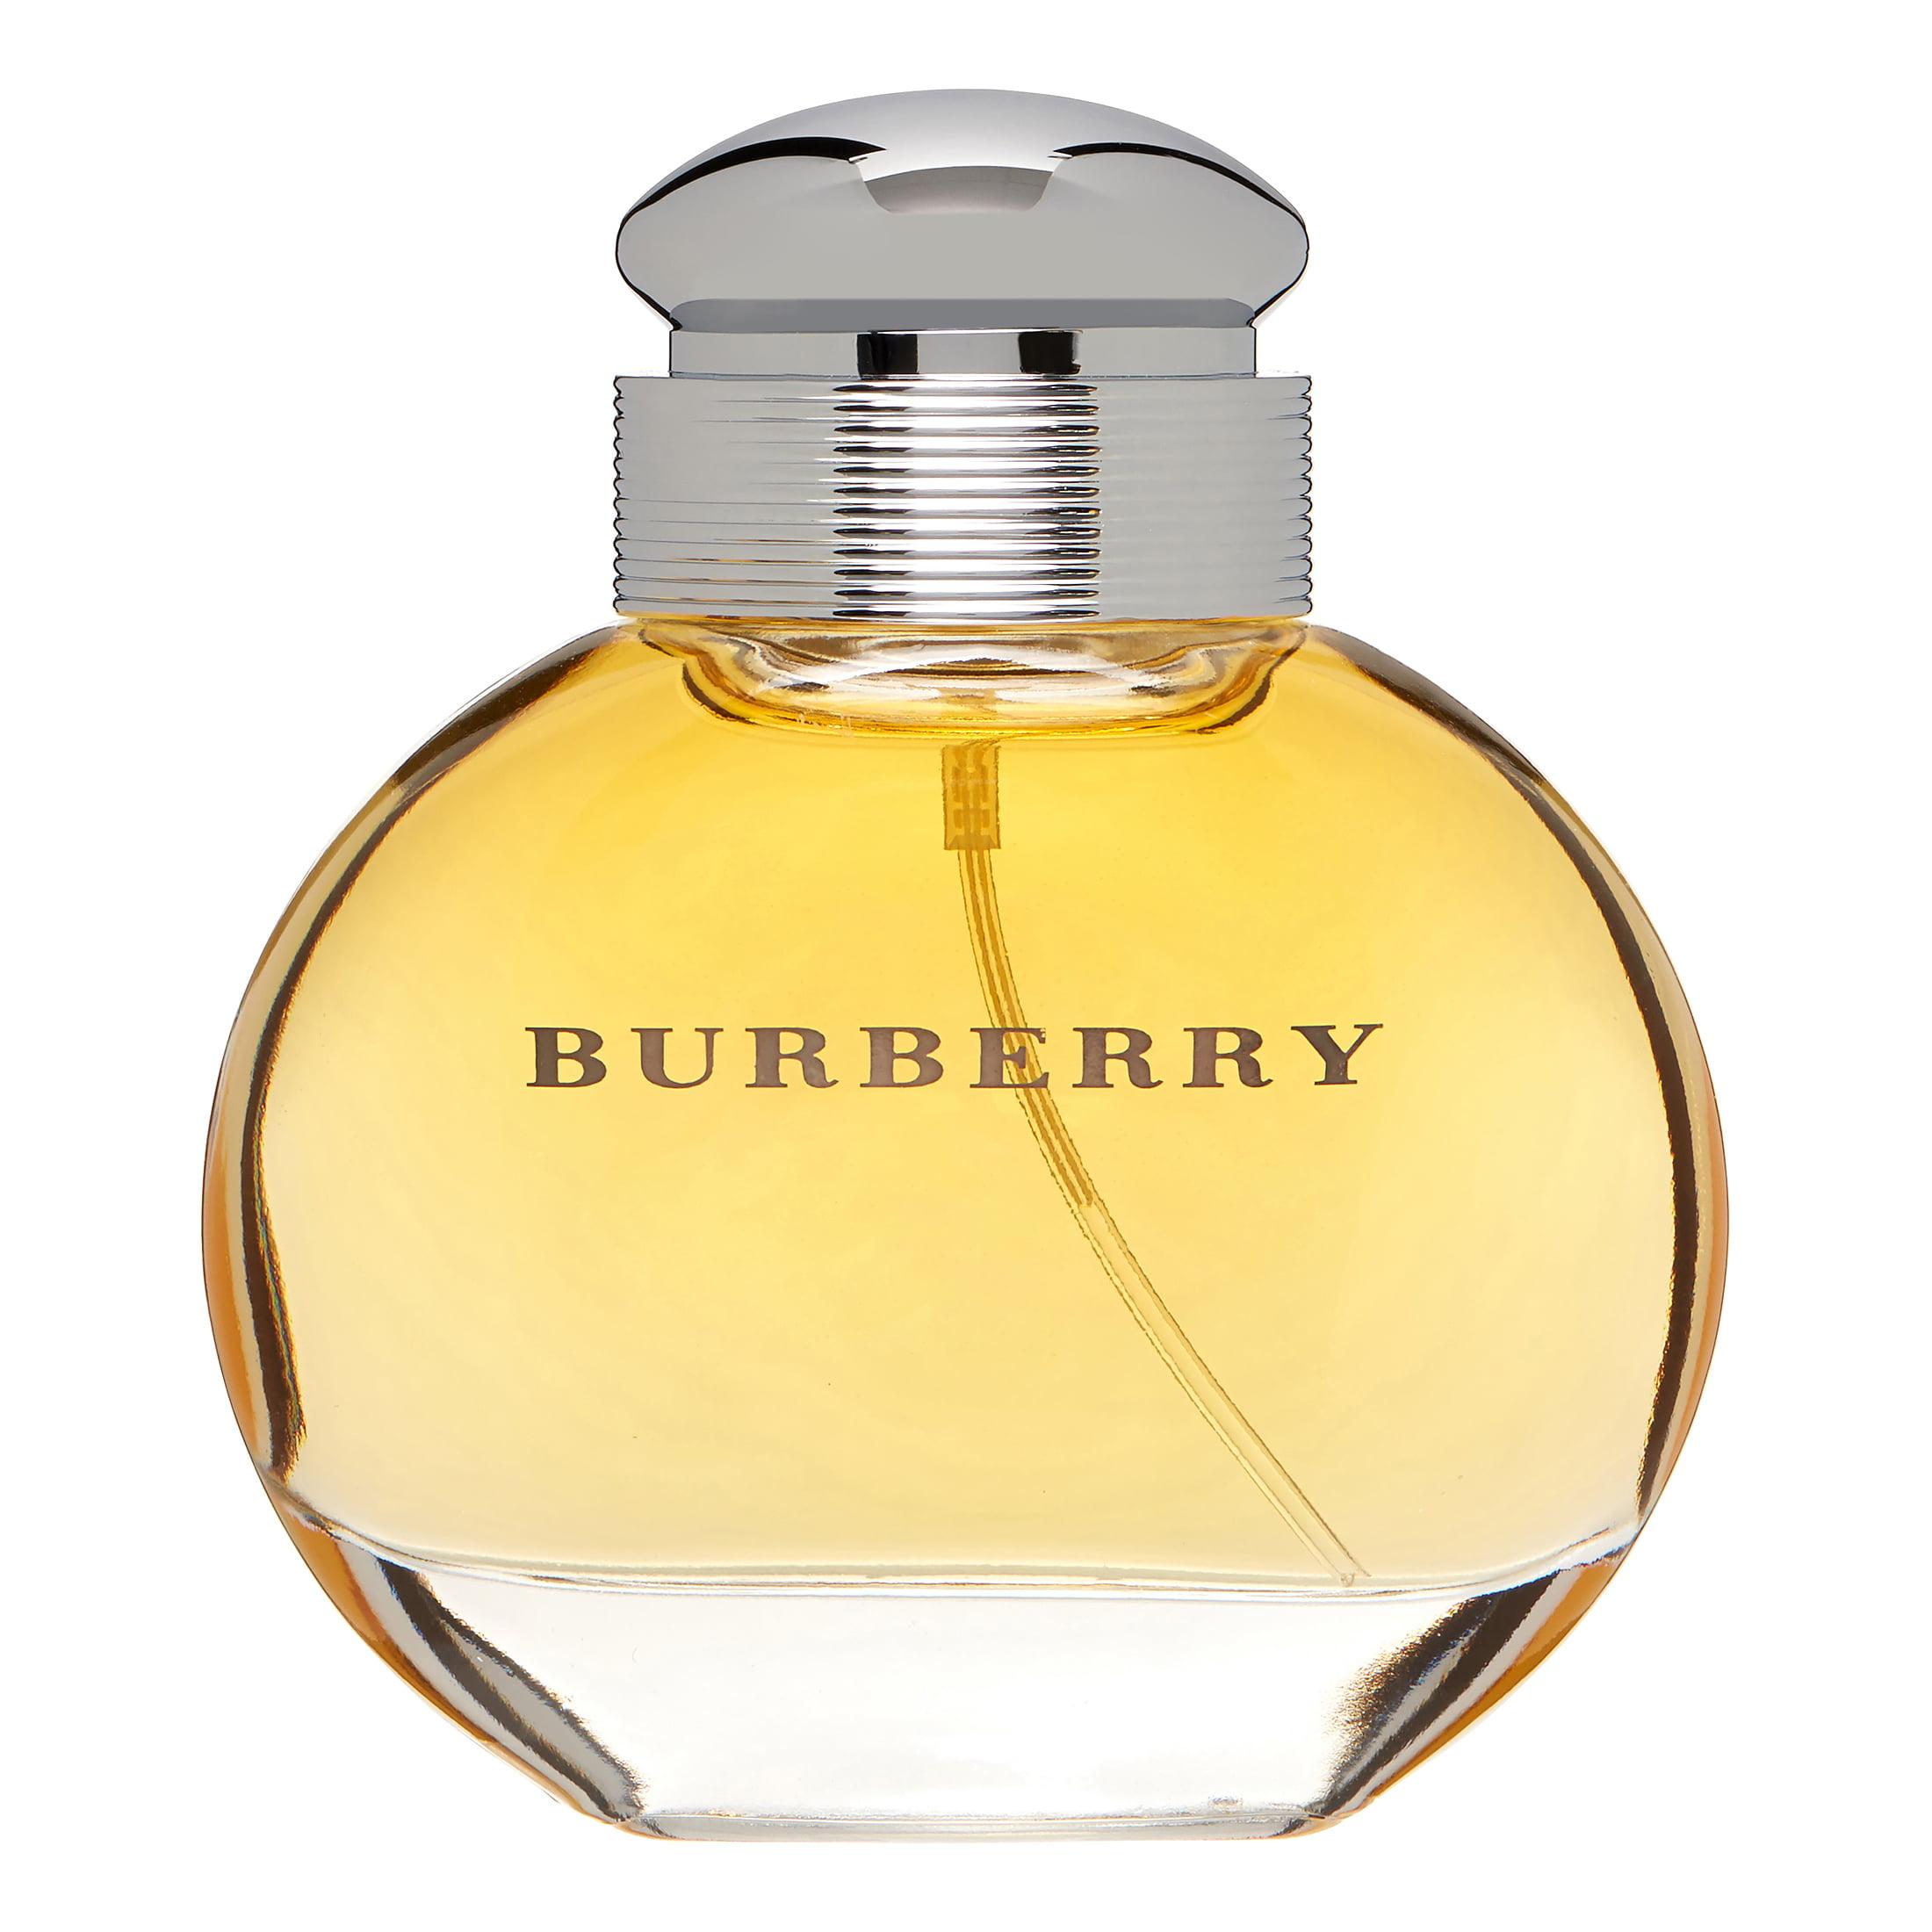 Burberry Burberry Classic Eau De Parfum Perfume For Women 33 Oz